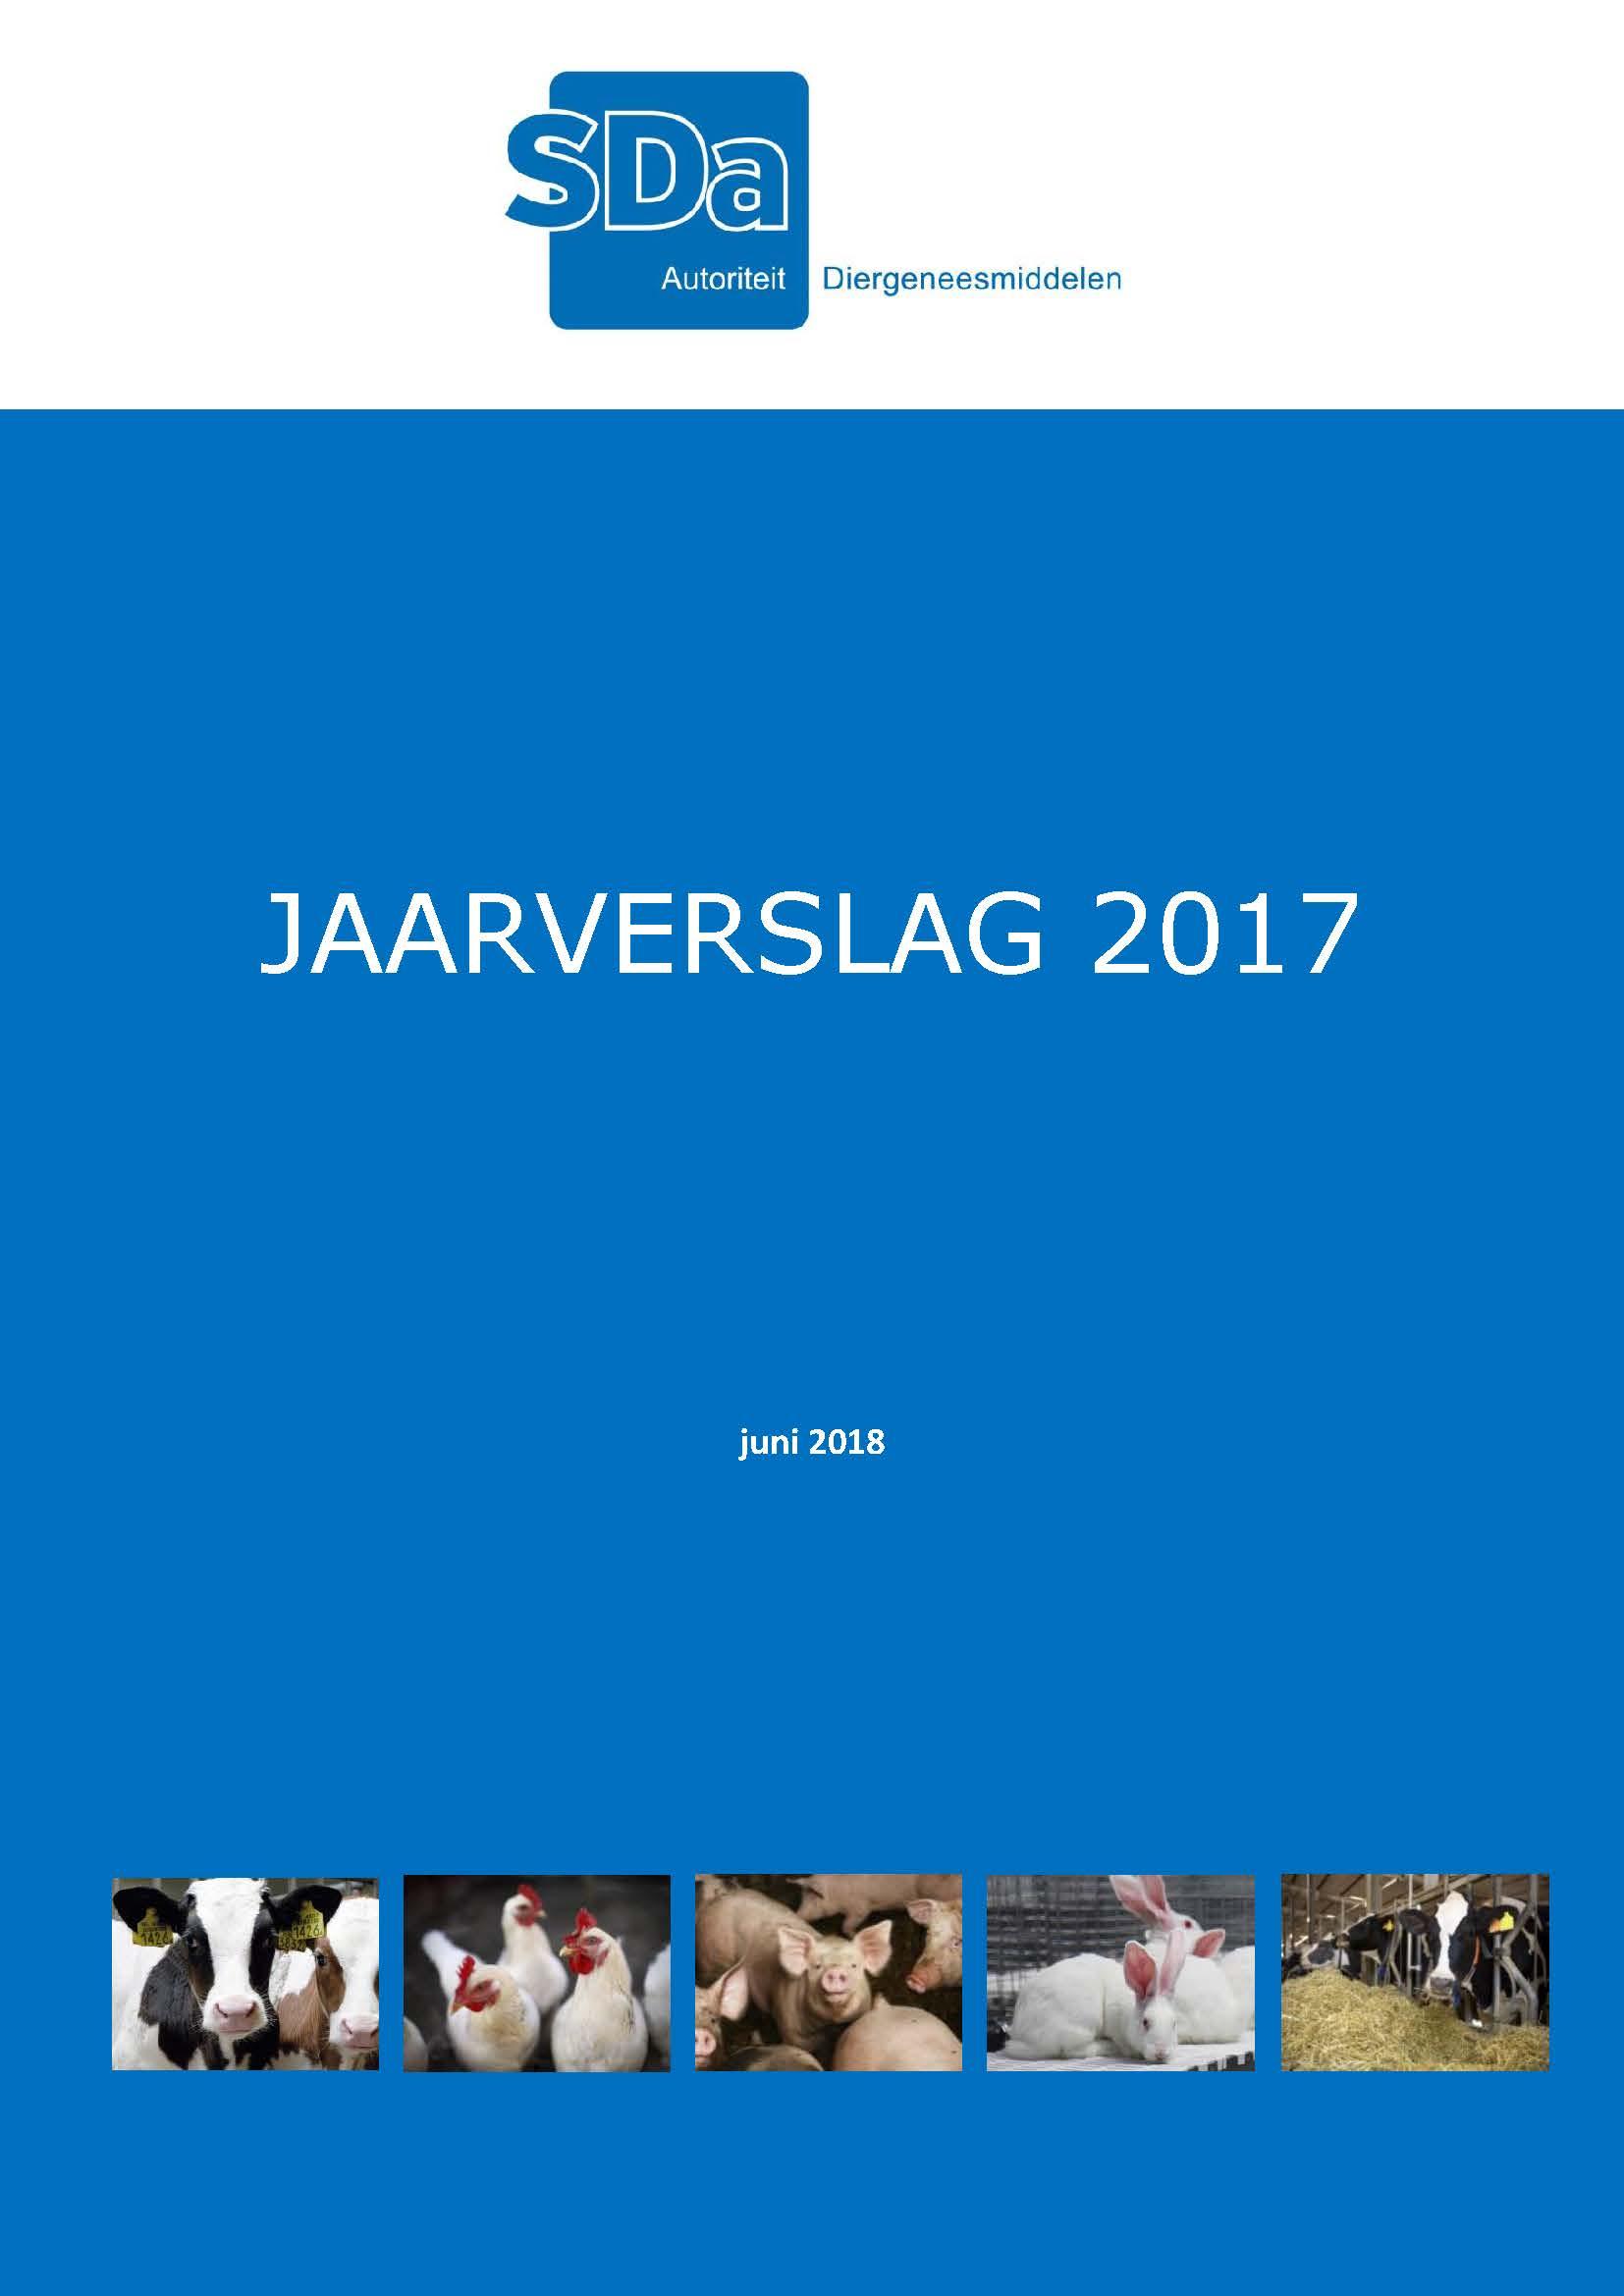 SDa jaarverslag 2017